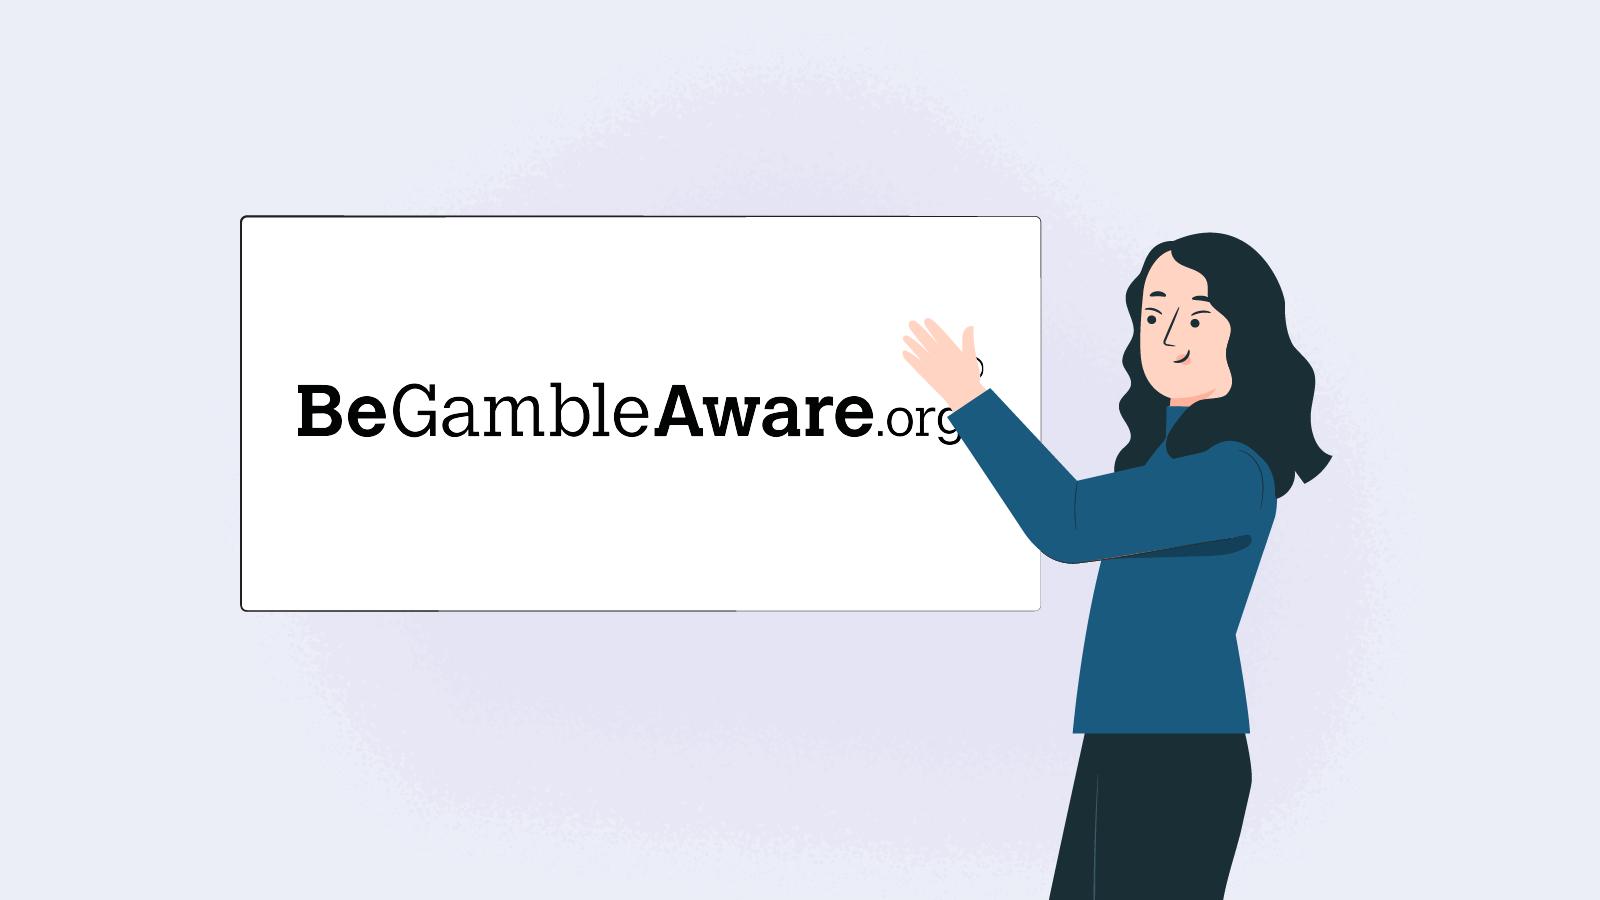 Be gambling aware